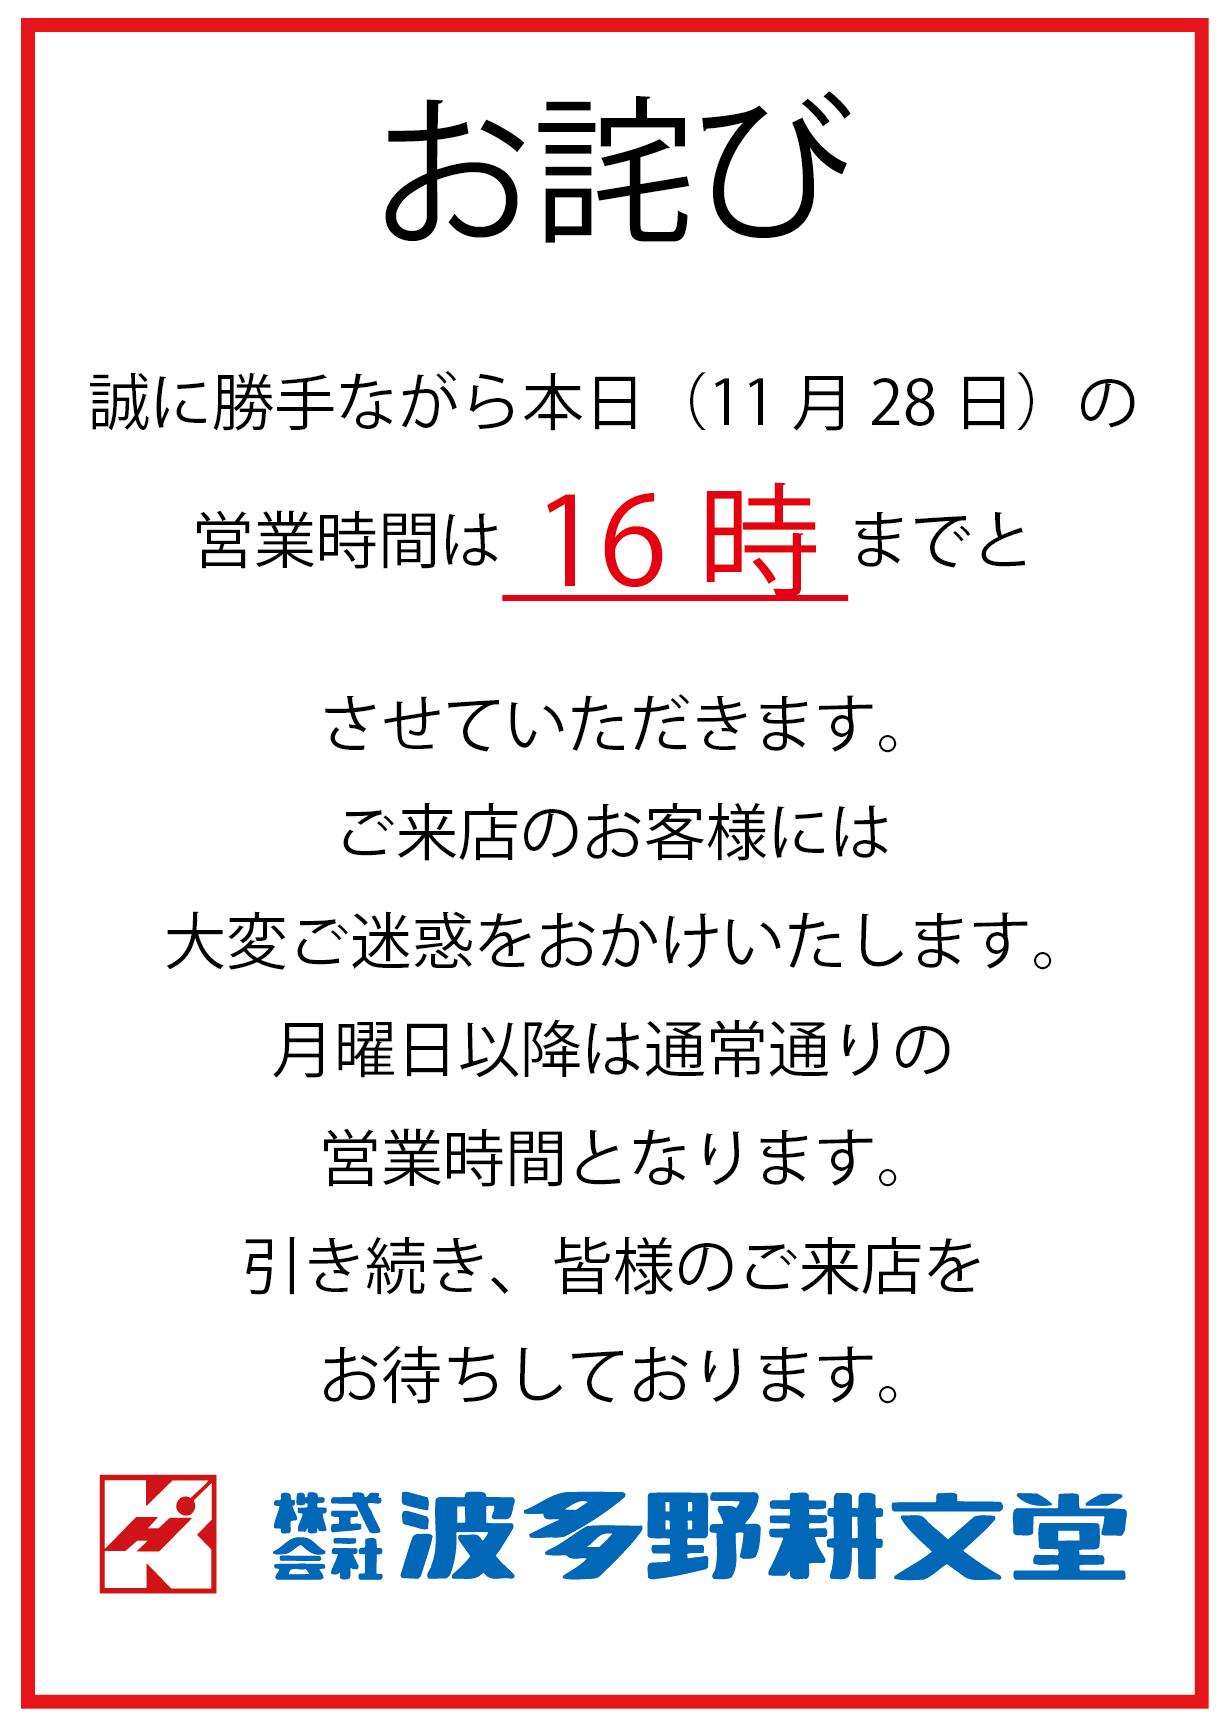 1128お詫び文@2x-8